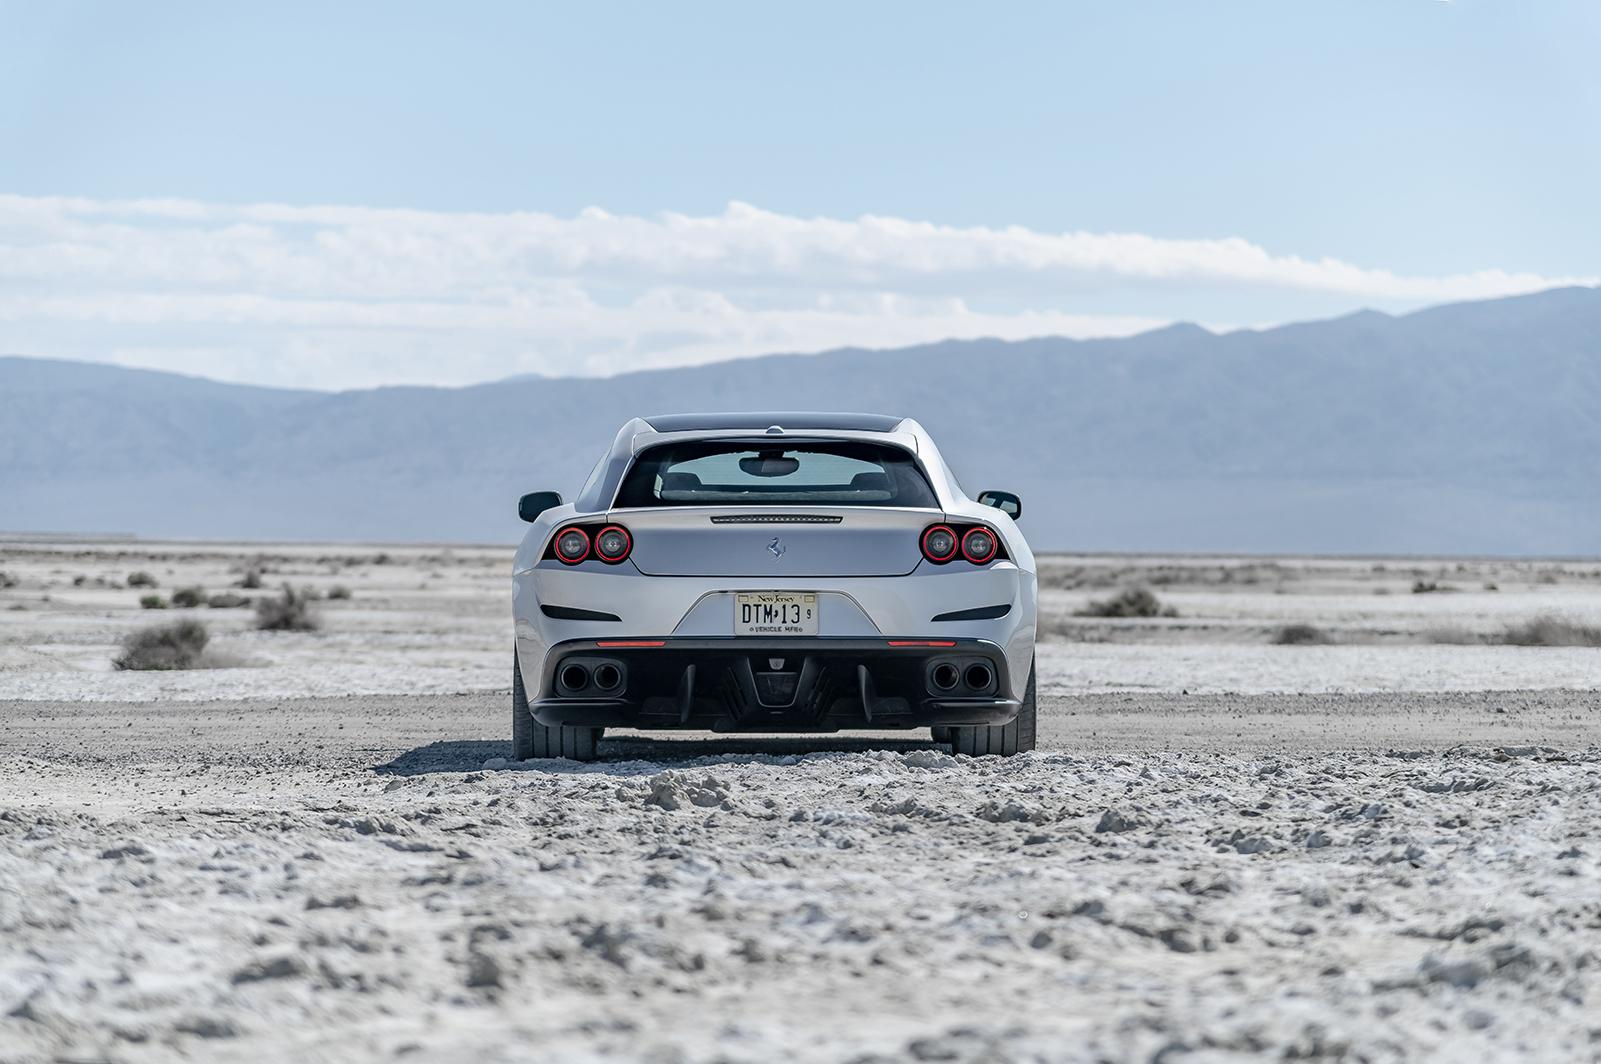 Ferrari_GTC4LussoT_008R.jpg